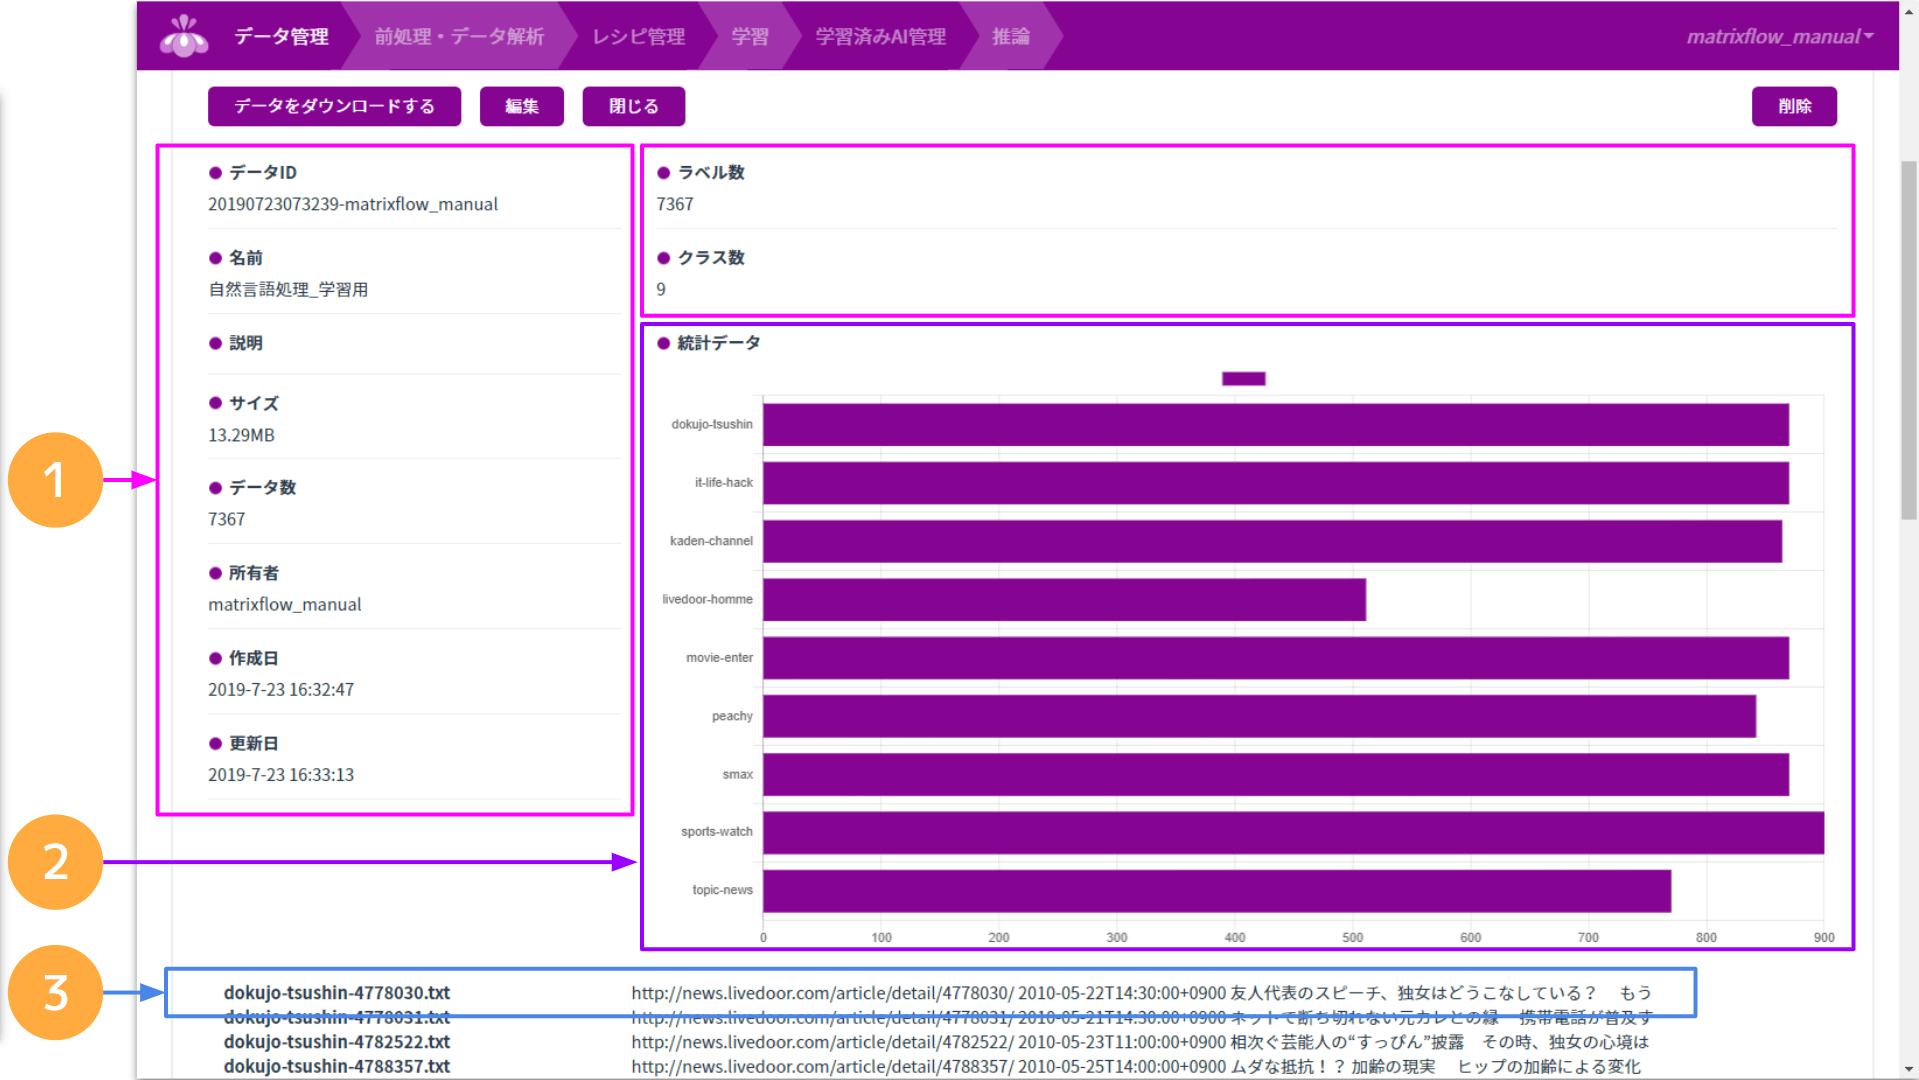 テキストデータの詳細画面